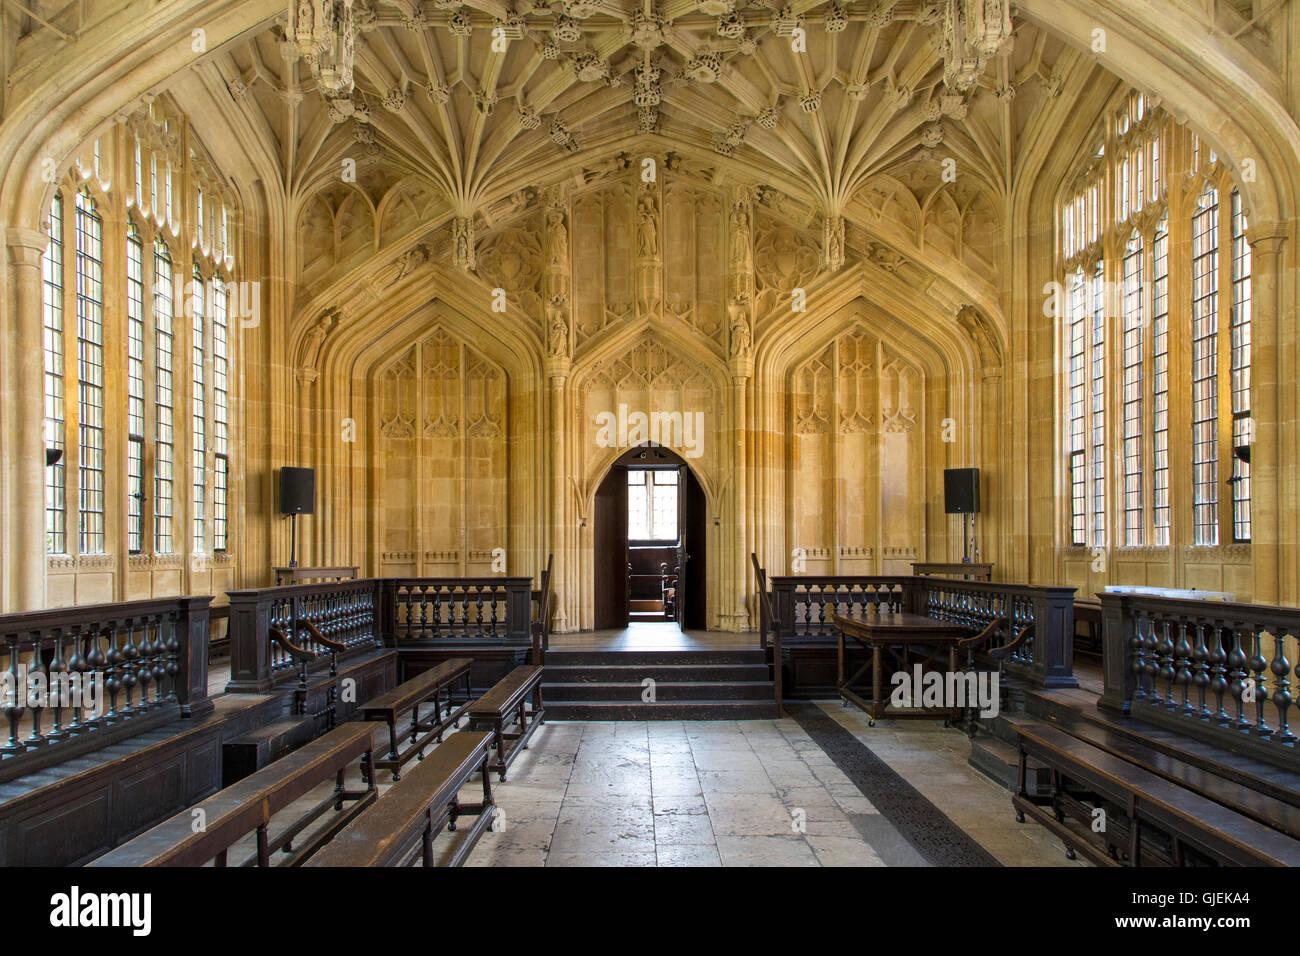 Intérieur de la Divinity School - 1488, une partie de l'actuelle bibliothèque bodléienne, Oxford, Oxfordshire, Angleterre Banque D'Images